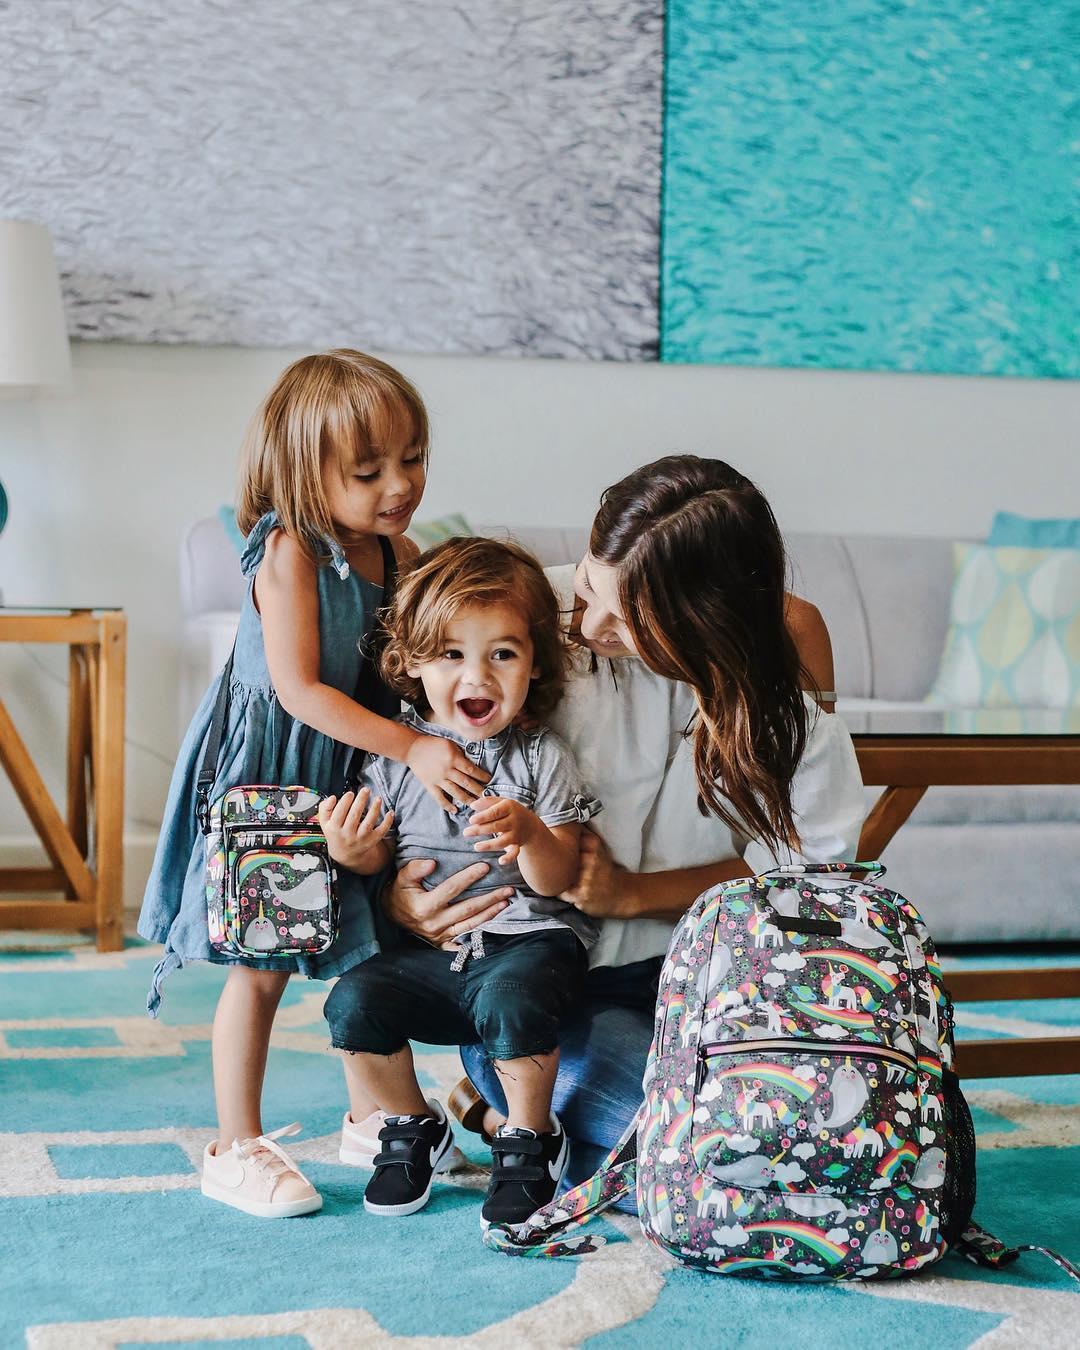 peoplemap-jujube_intl-brands-for-moms4.jpg